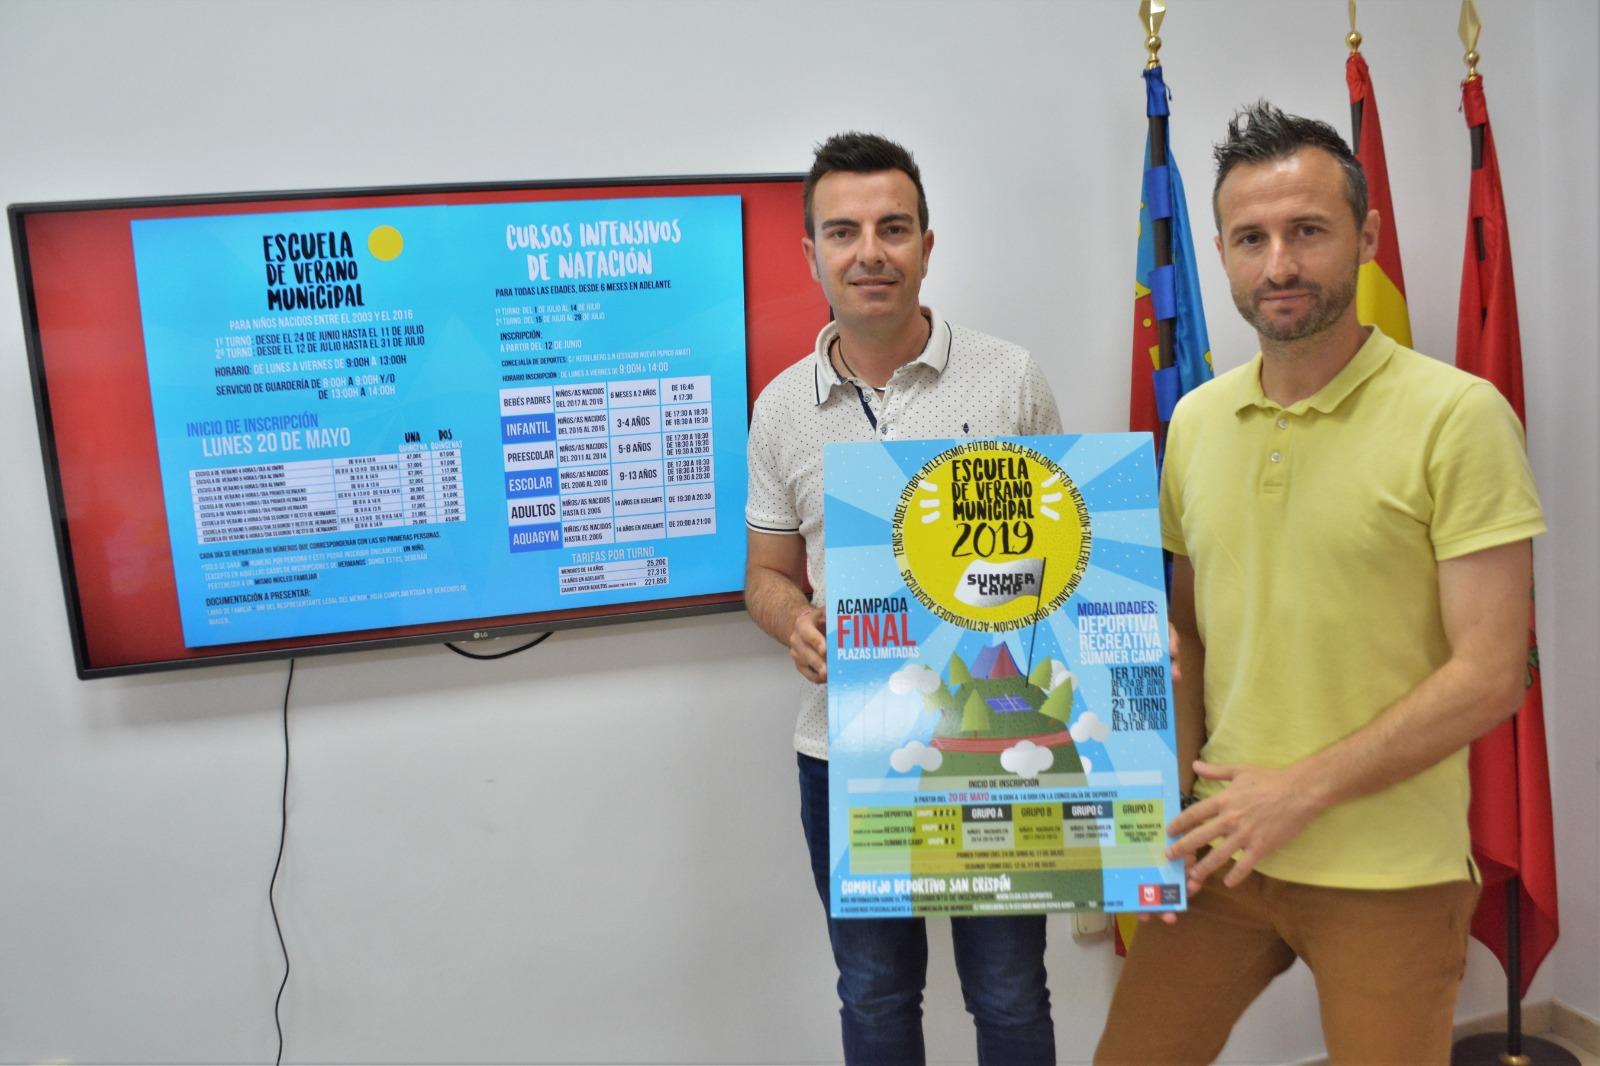 Deportes presenta la Escuela Municipal de Verano 2019 y los cursos intensivos de natación